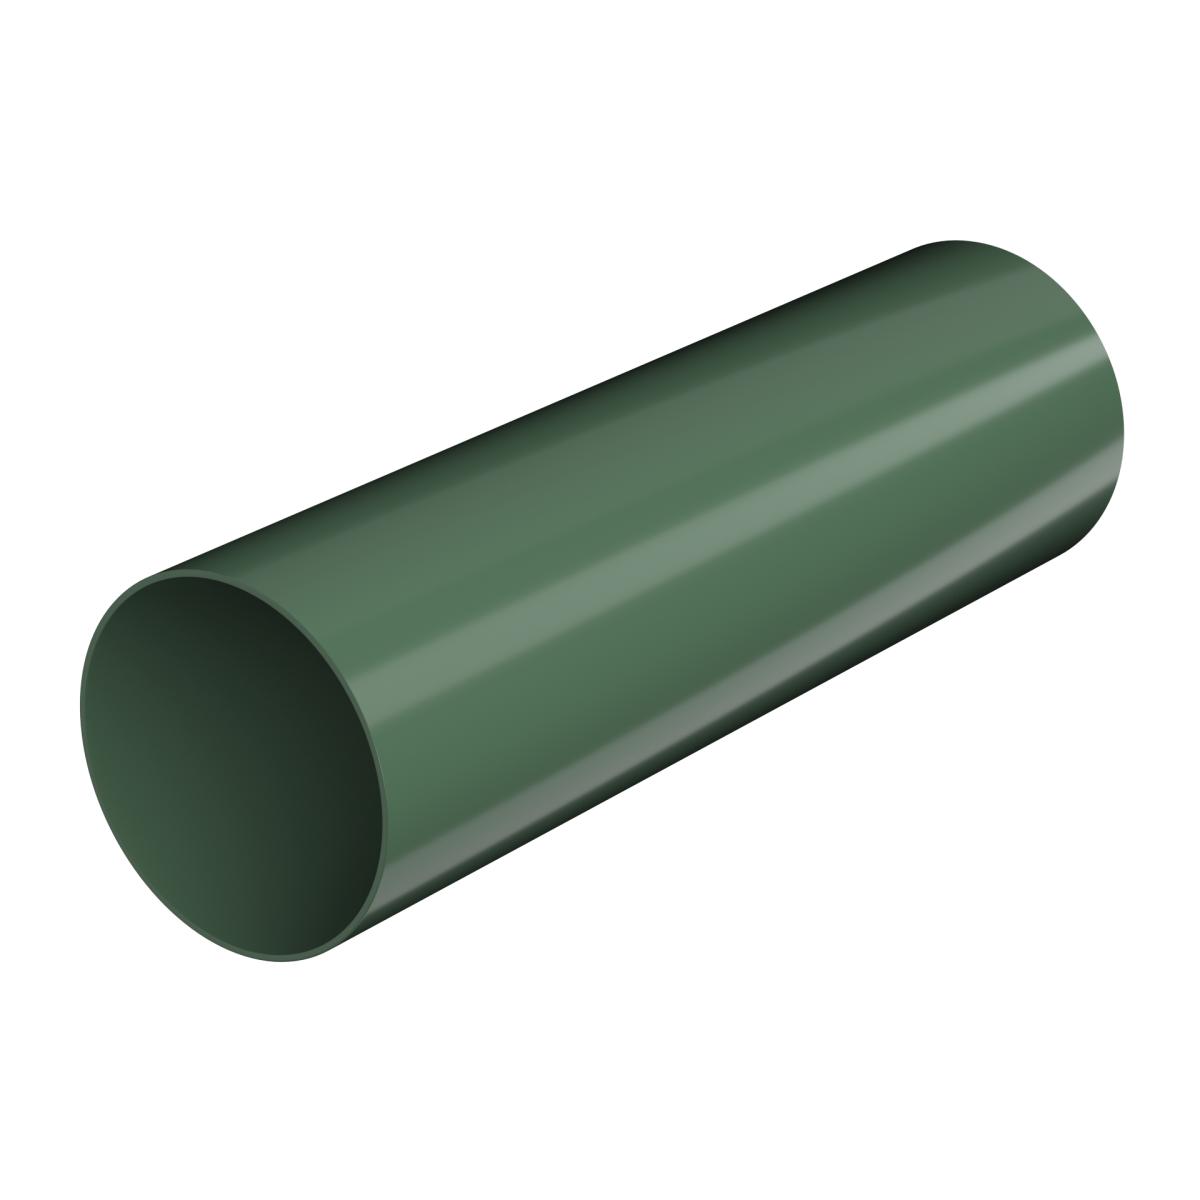 Verat труба 2 м цвет зеленый